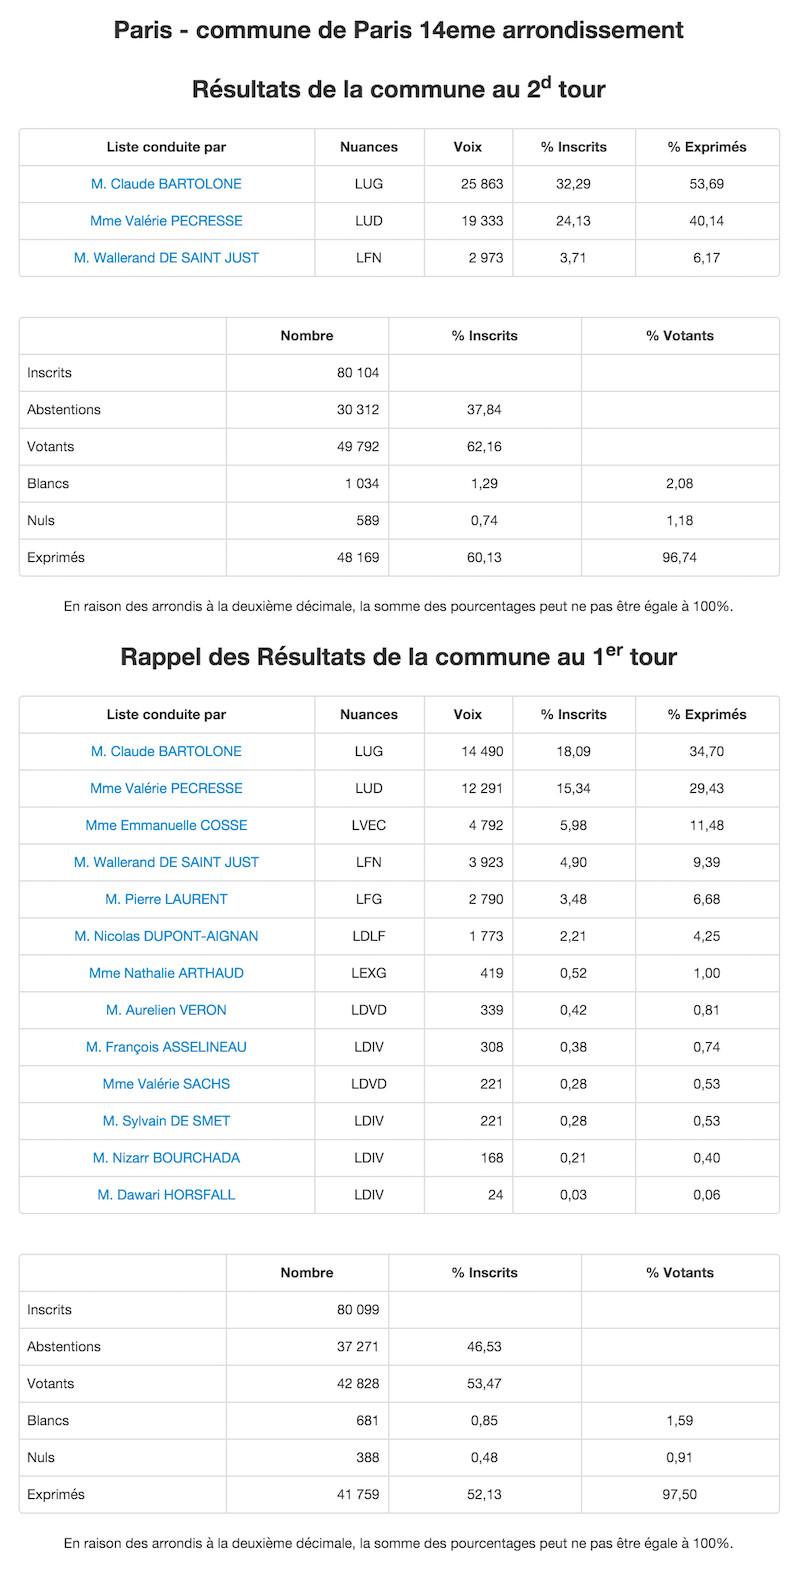 Régionales 2015 - 2nd et 1er tour dans le 14e arrondissement © Ministère de l'Intérieur